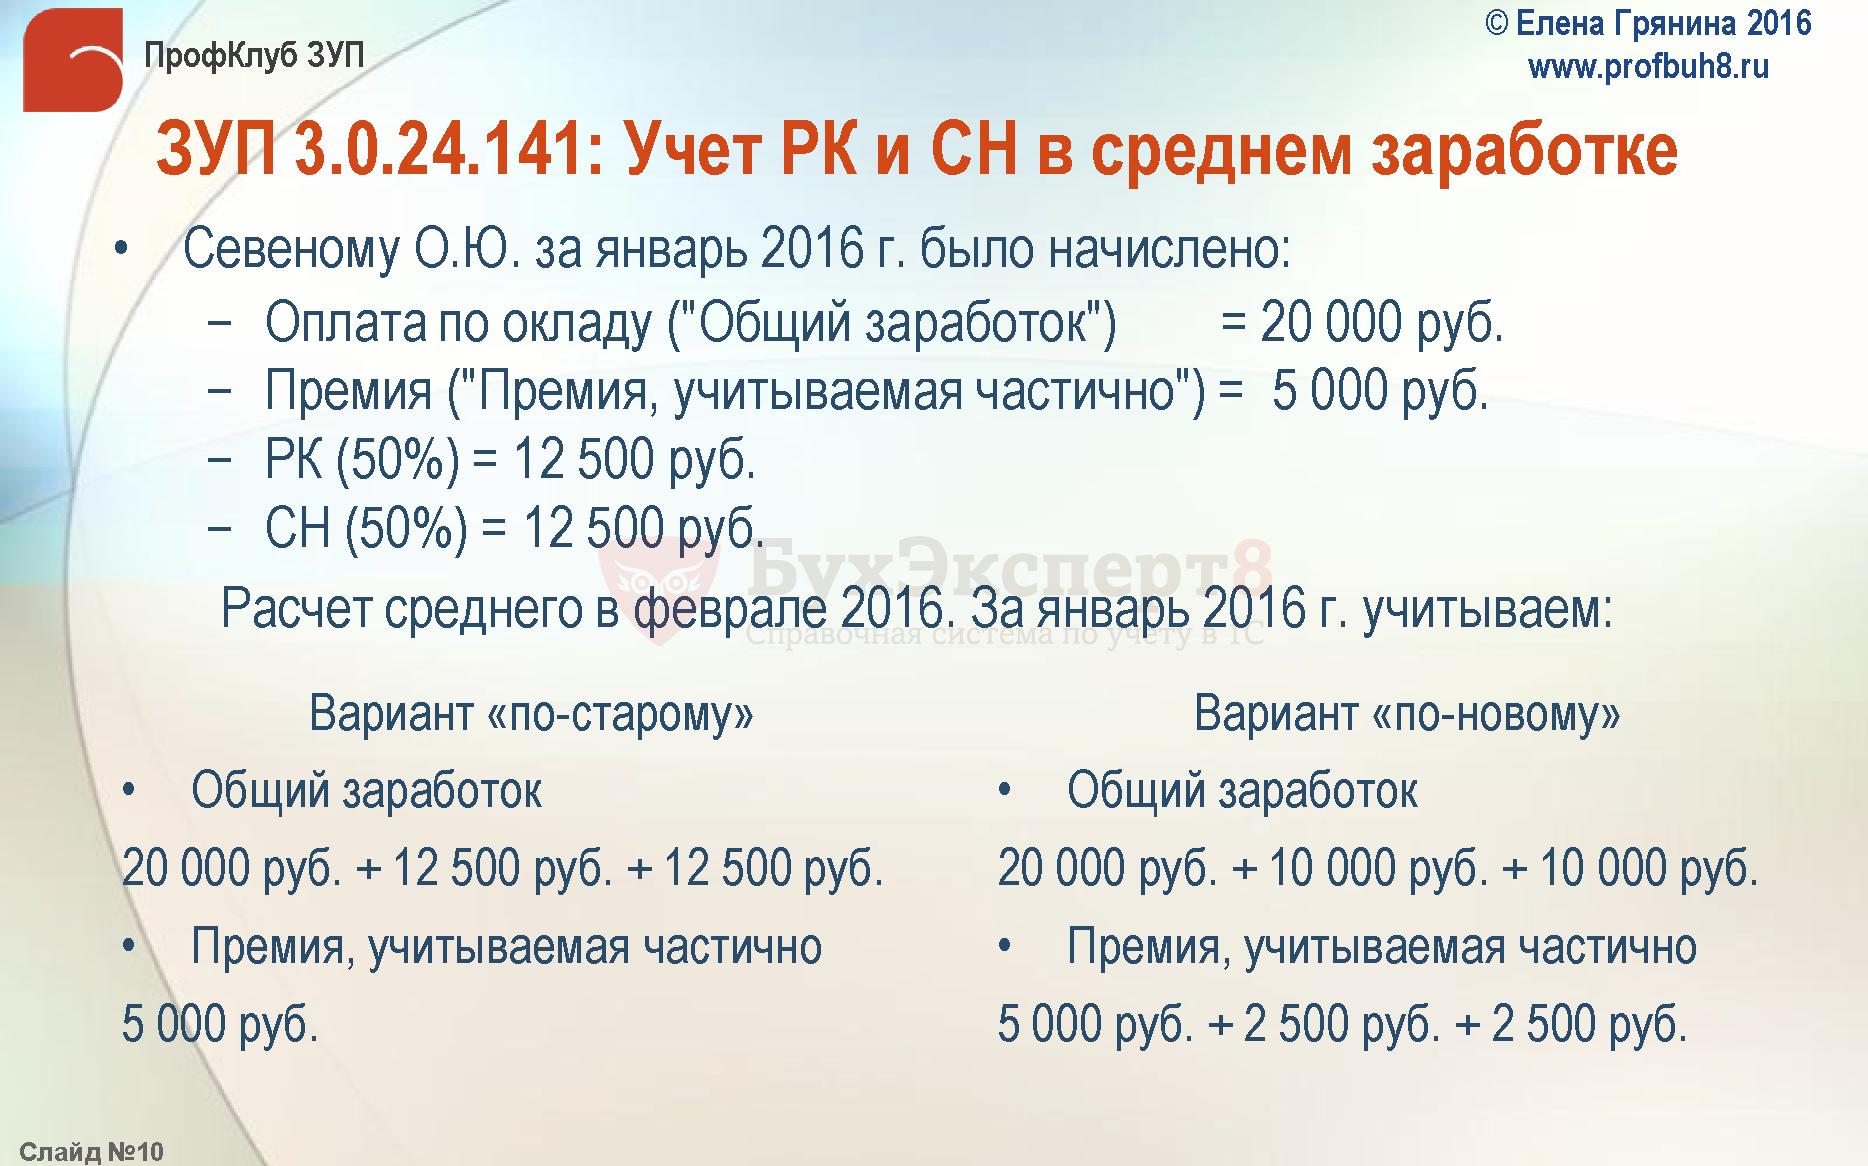 """ЗУП 3.0.24.141: Учет РК и СН в среднем заработке Севеному О.Ю. за январь 2016 г. было начислено: −Оплата по окладу (""""Общий заработок"""") = 20 000 руб. −Премия (""""Премия, учитываемая частично"""") = 5 000 руб. −РК (50%) = 12 500 руб. −СН (50%) = 12 500 руб. Расчет среднего в феврале 2016. За январь 2016 г. учитываем: Вариант «по-старому» Общий заработок 20 000 руб. + 12 500 руб. + 12 500 руб. Премия, учитываемая частично 5 000 руб. Вариант «по-новому» Общий заработок 20 000 руб. + 10 000 руб. + 10 000 руб. Премия, учитываемая частично 5 000 руб. + 2 500 руб. + 2 500 руб."""